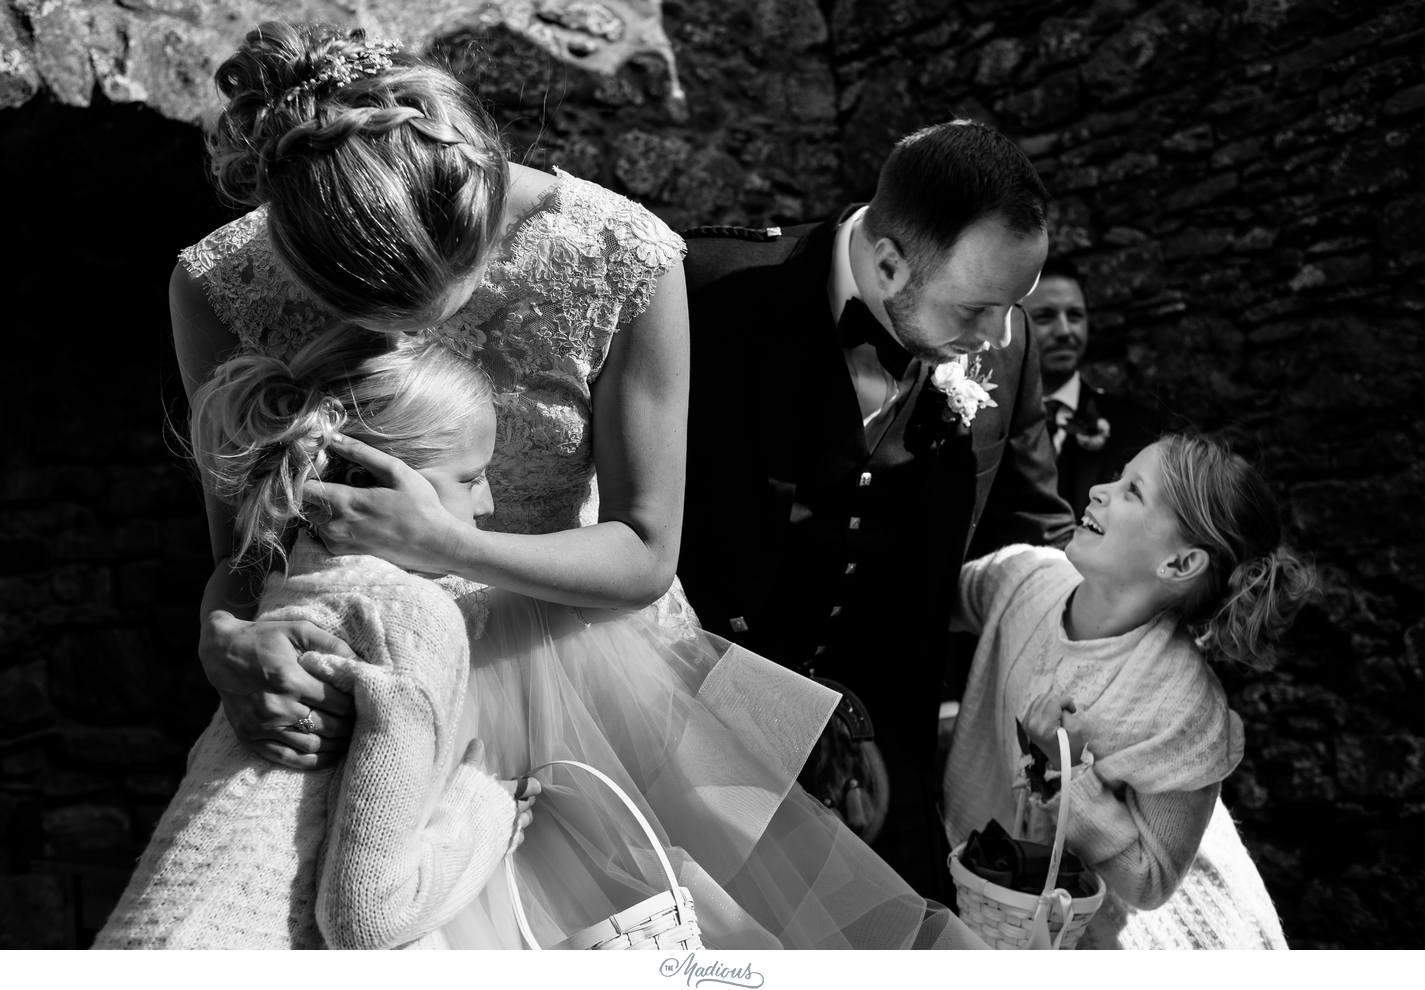 Balbegno_Dunnotar_Castle_Scottland_Wedding_38.jpg